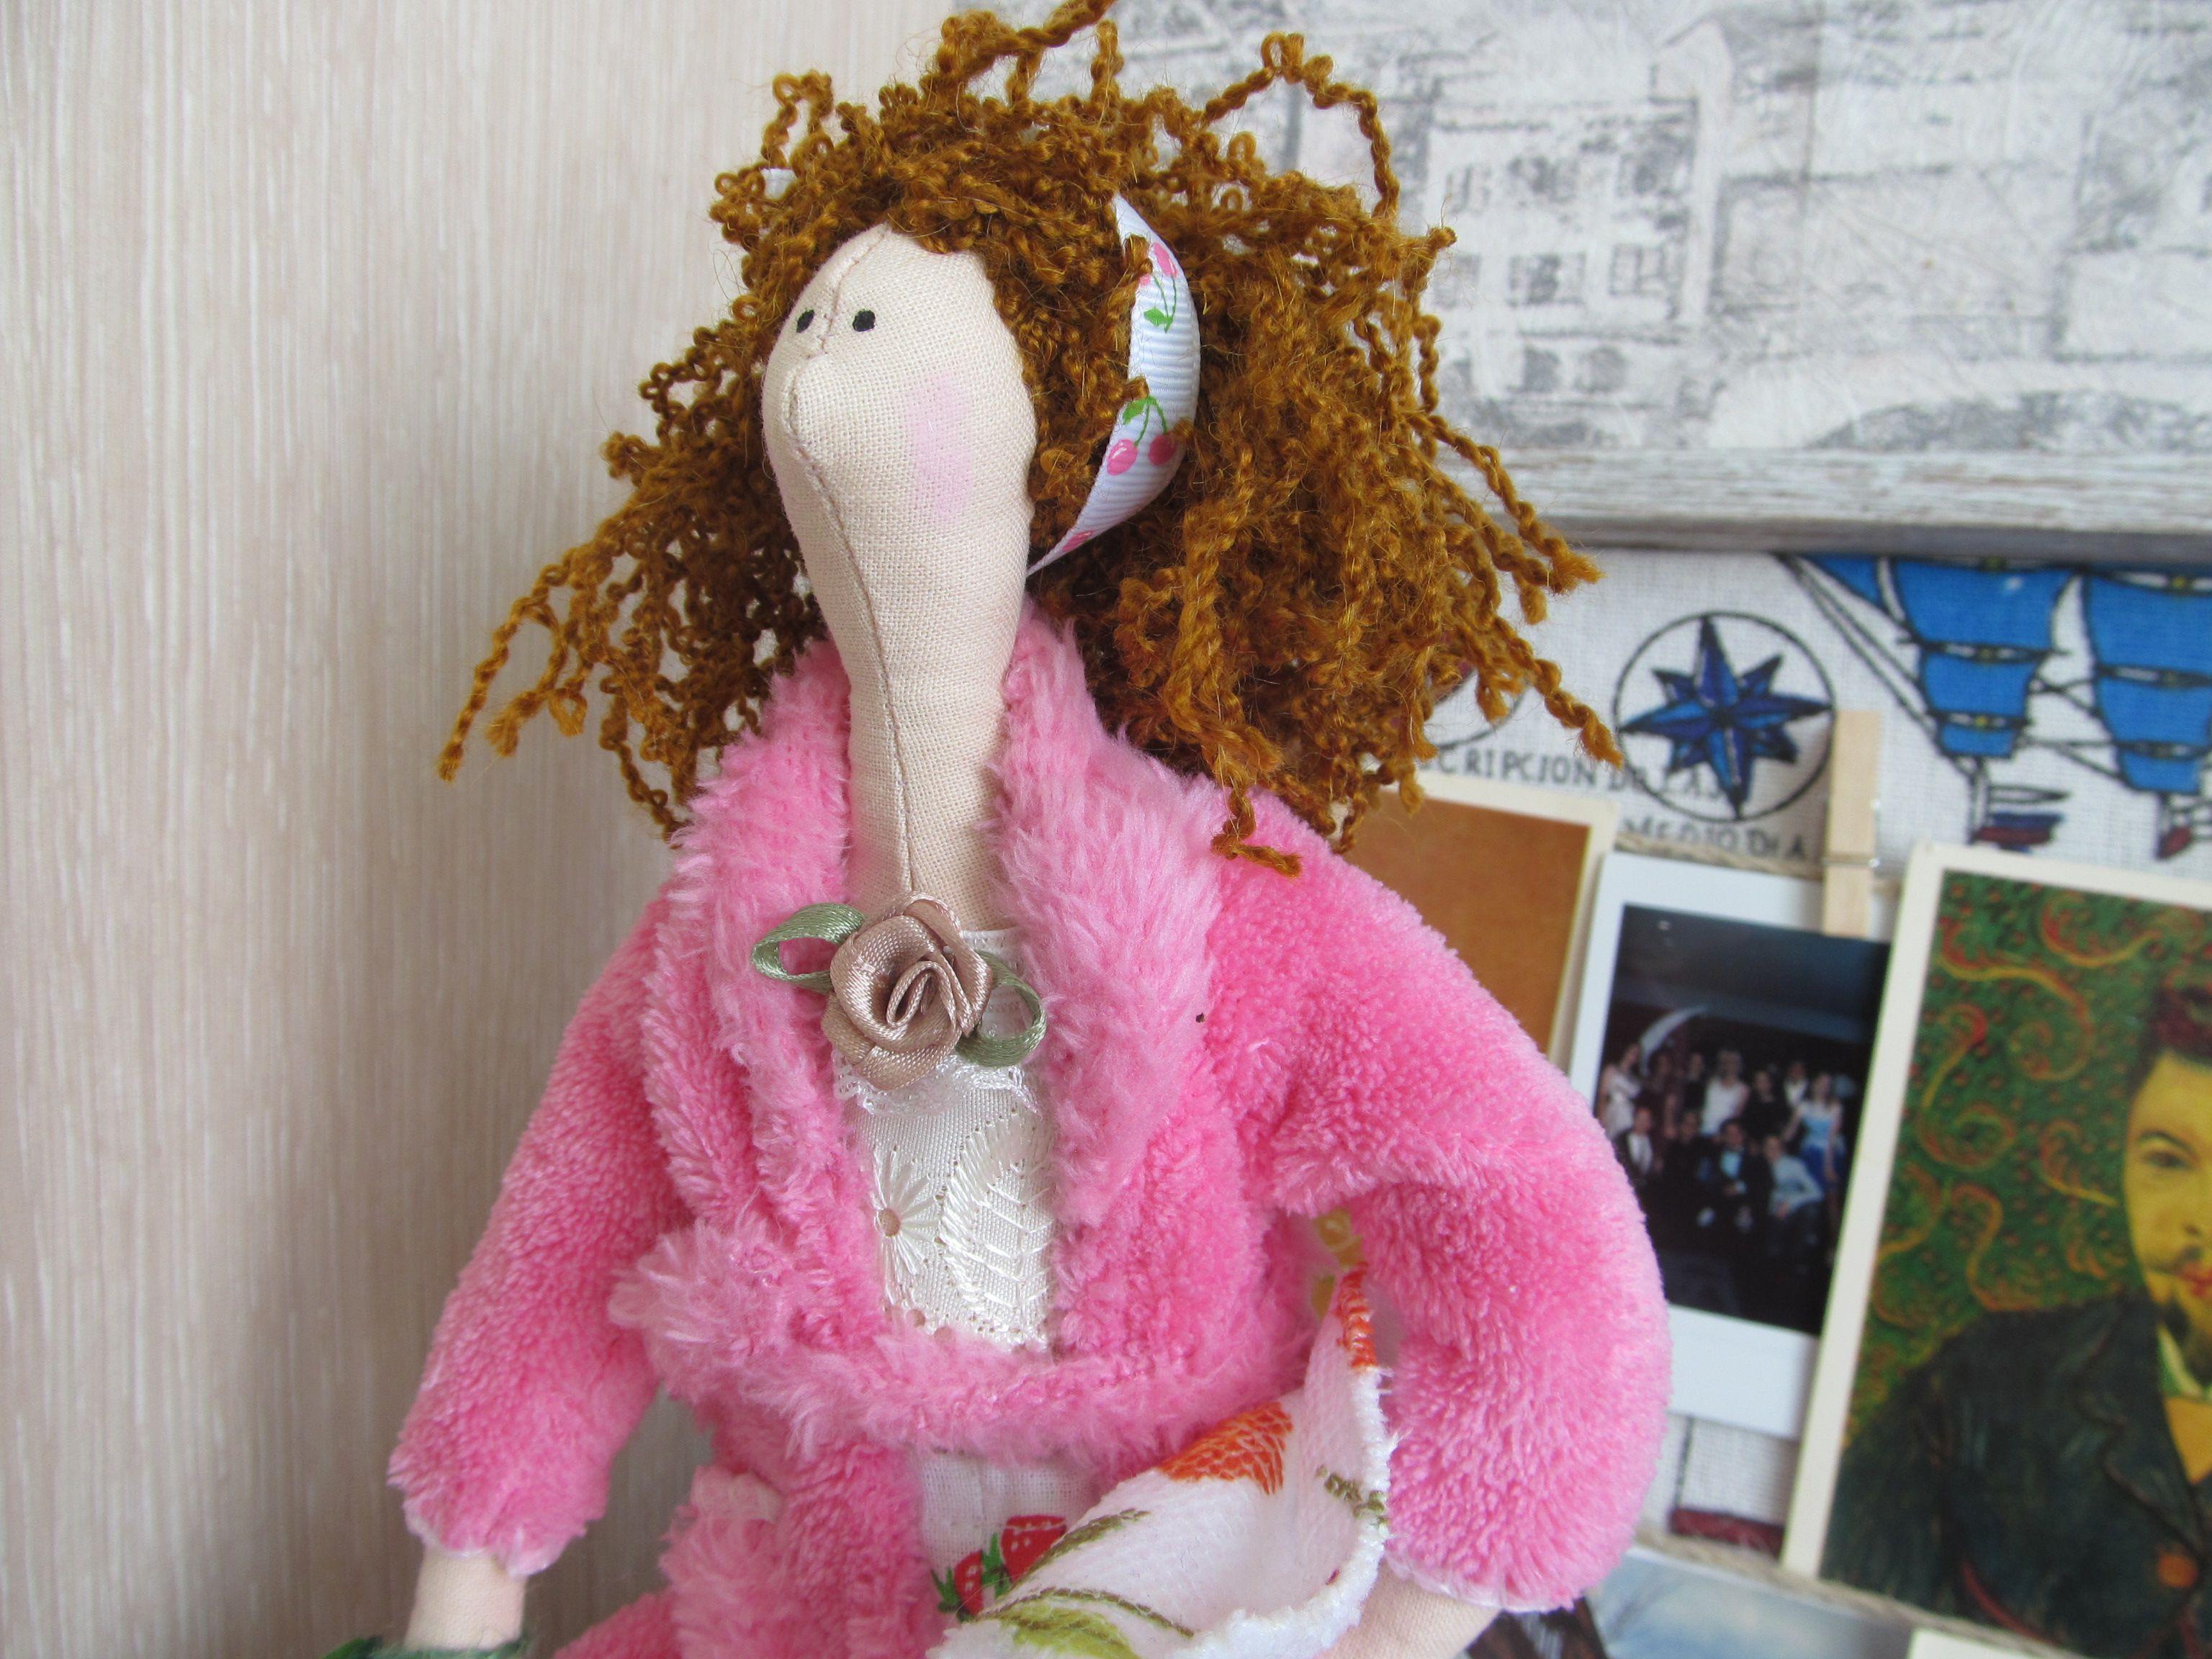 баня подарок новоселье кукла тильда домохозяйка